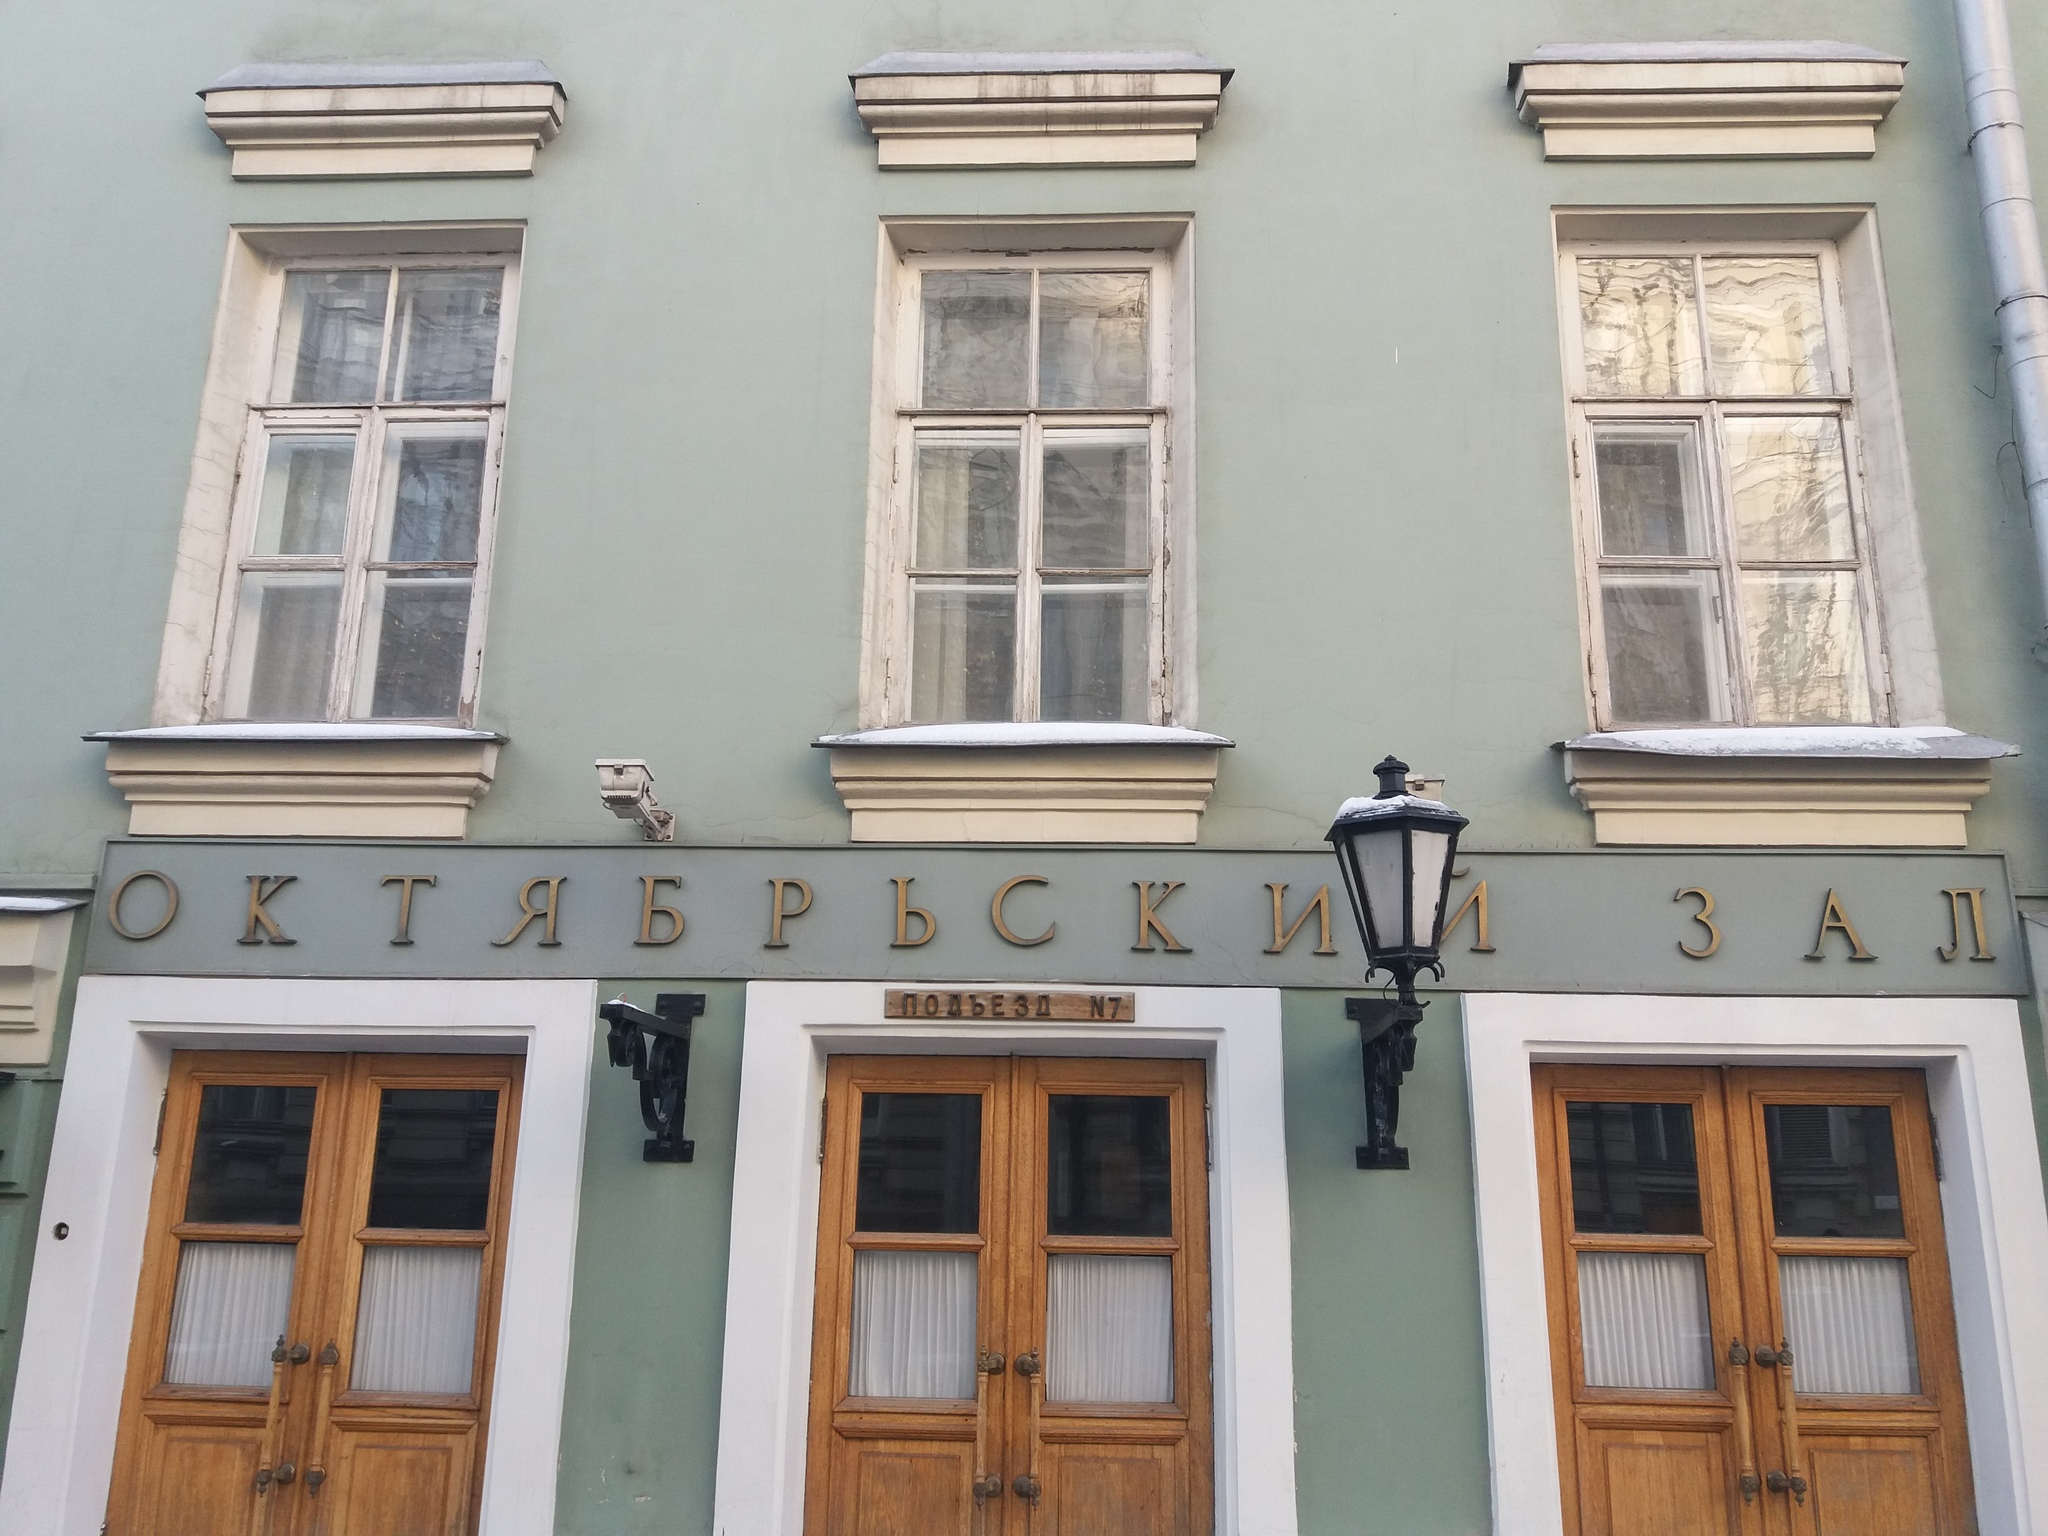 Колонный зал Дома Союзов в Москве: замена буквы на фасаде Октябрьского зала